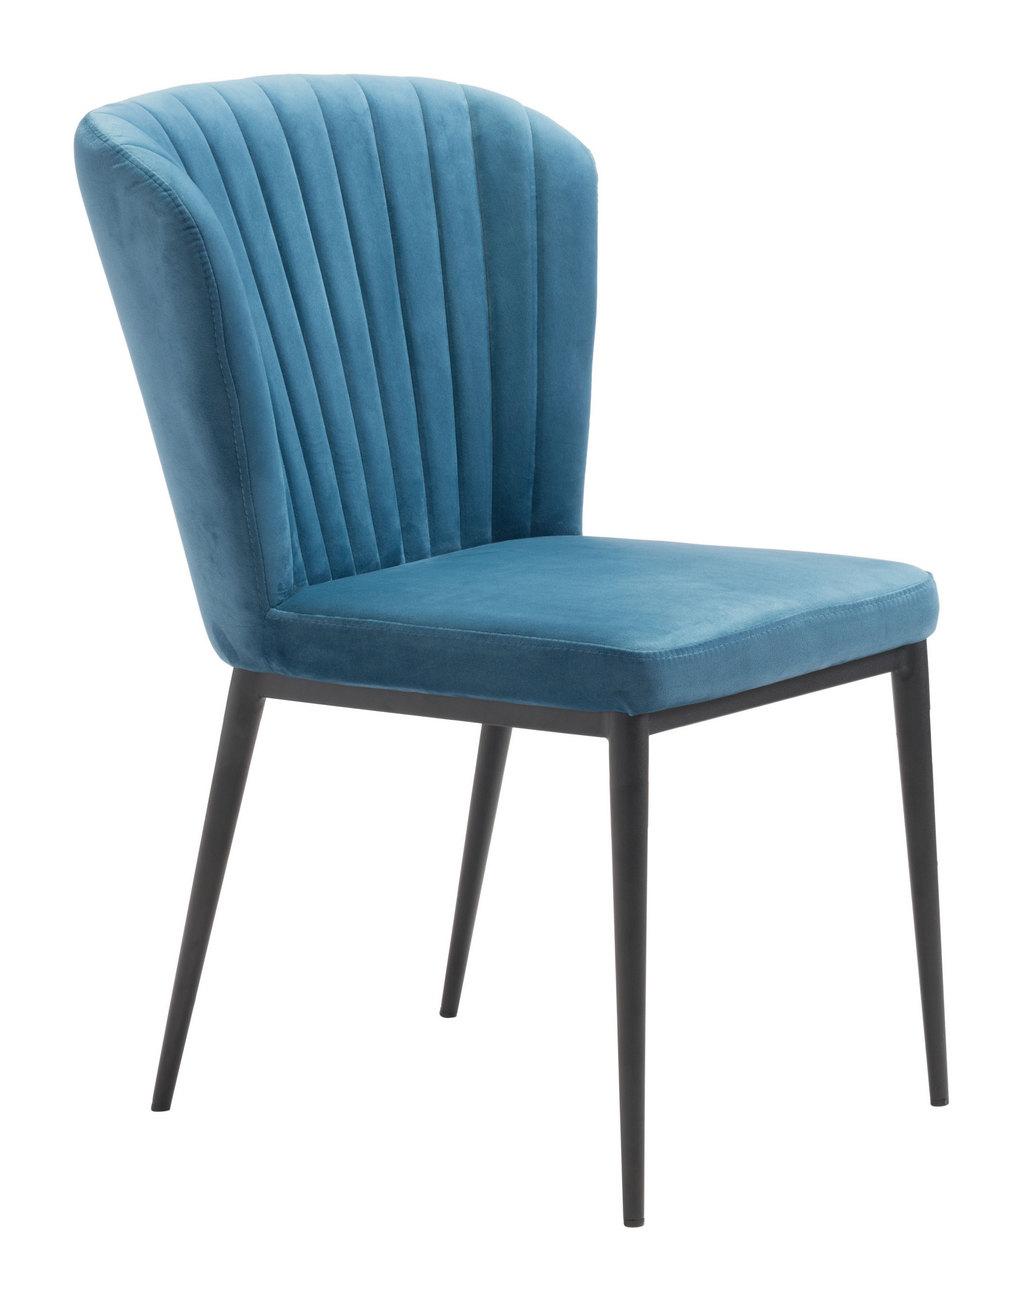 Zuo Dining Chair Blue Velvet